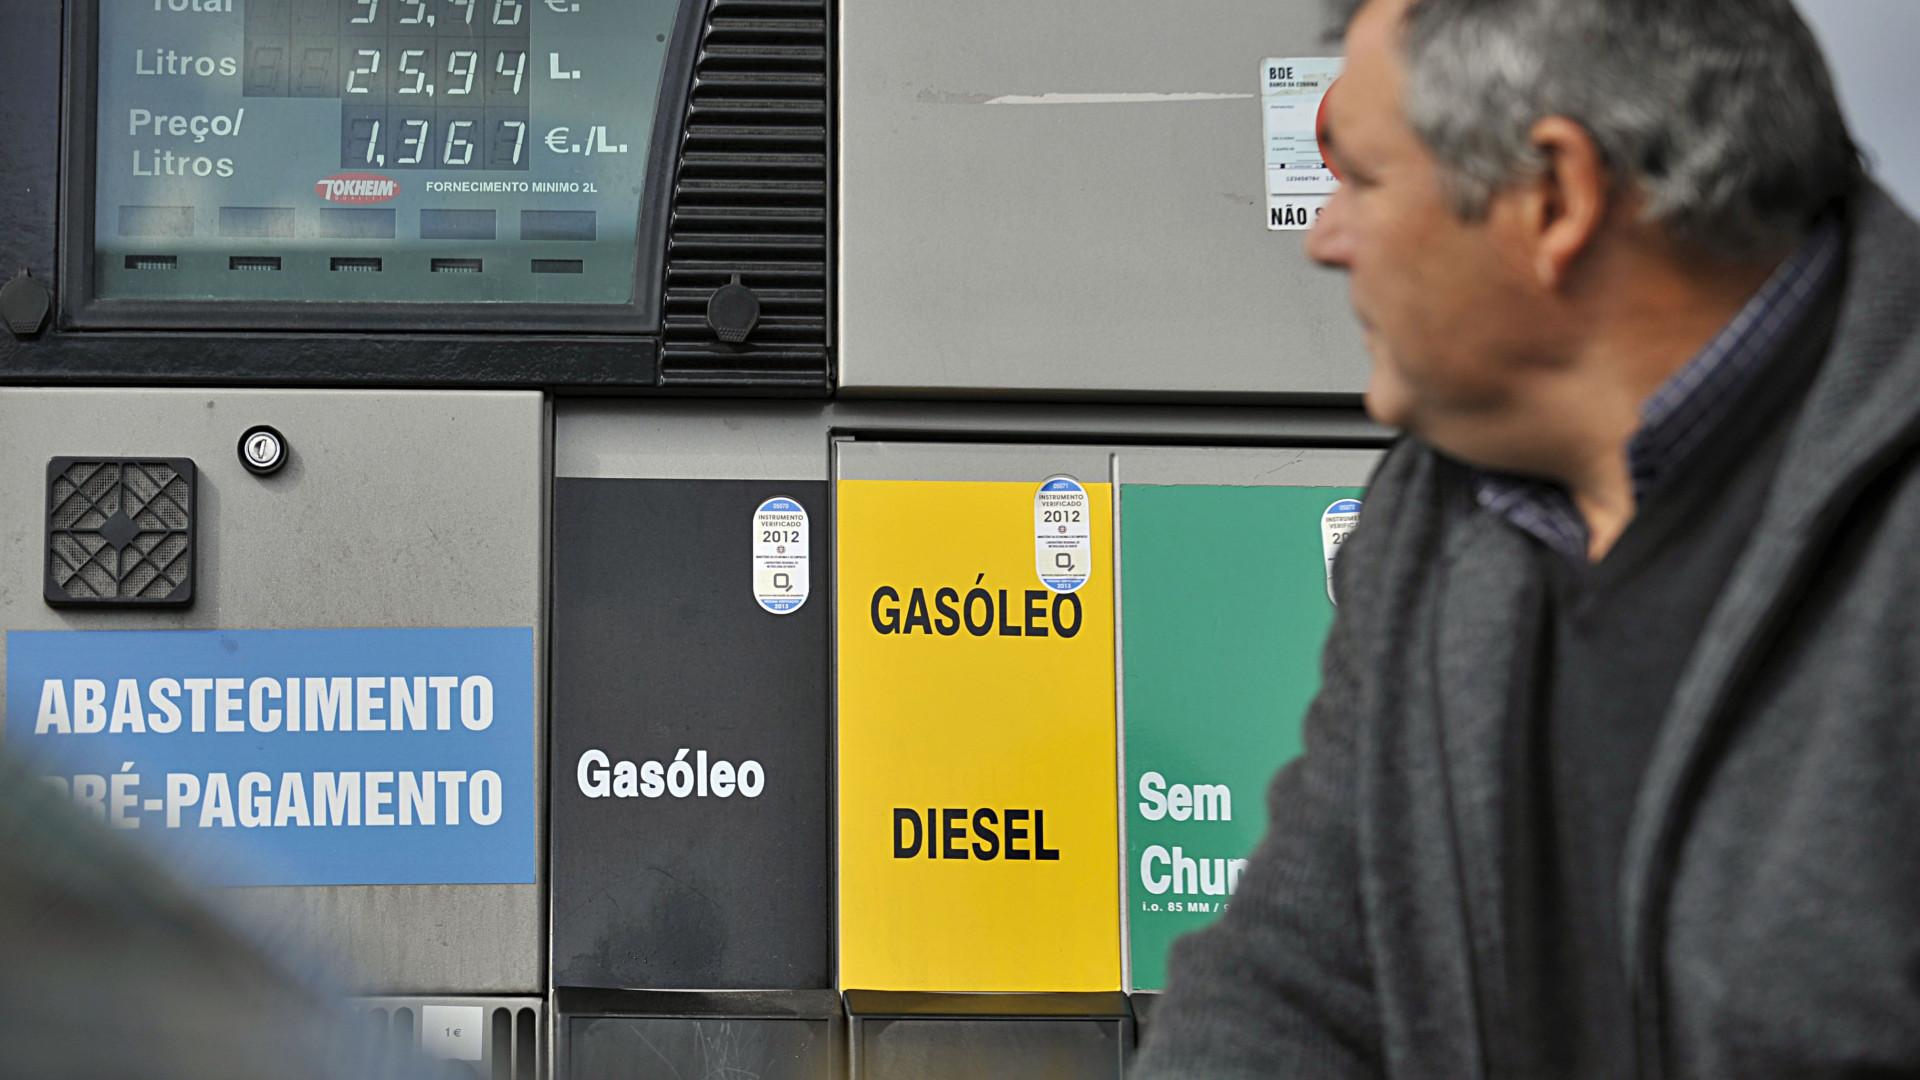 Postos de combustível estão obrigados a comercializar garrafas de gás